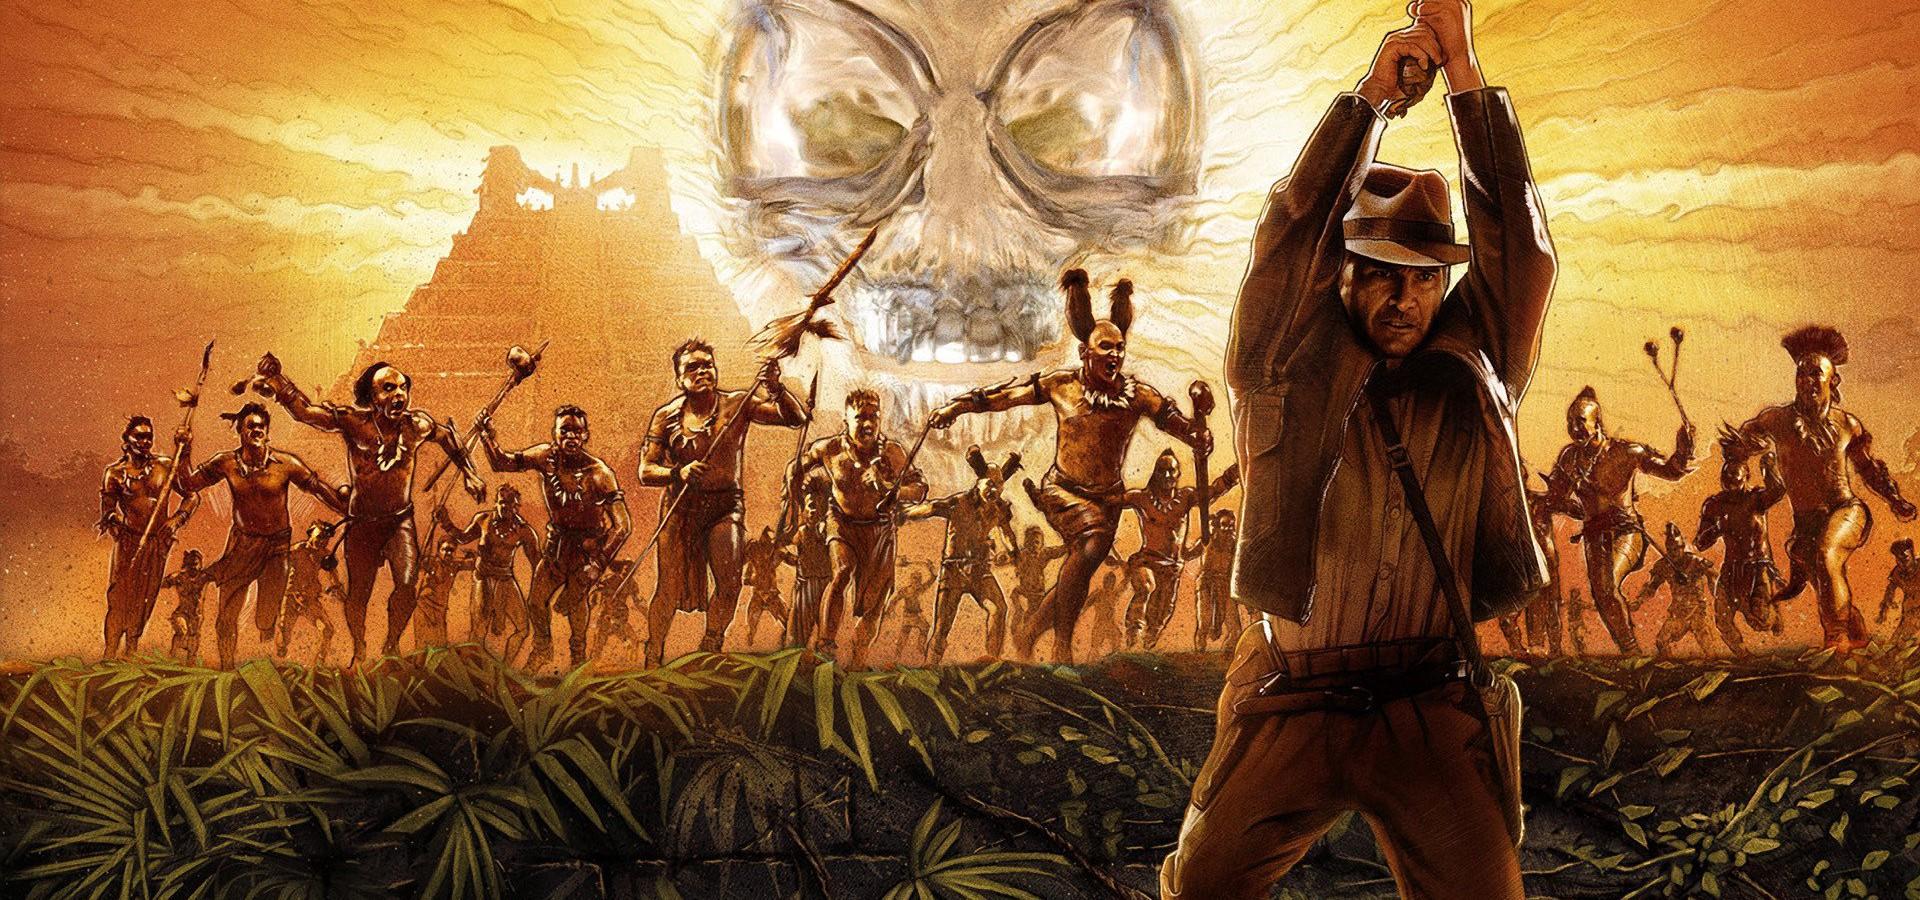 Indiana Jones și regatul craniului de cristal